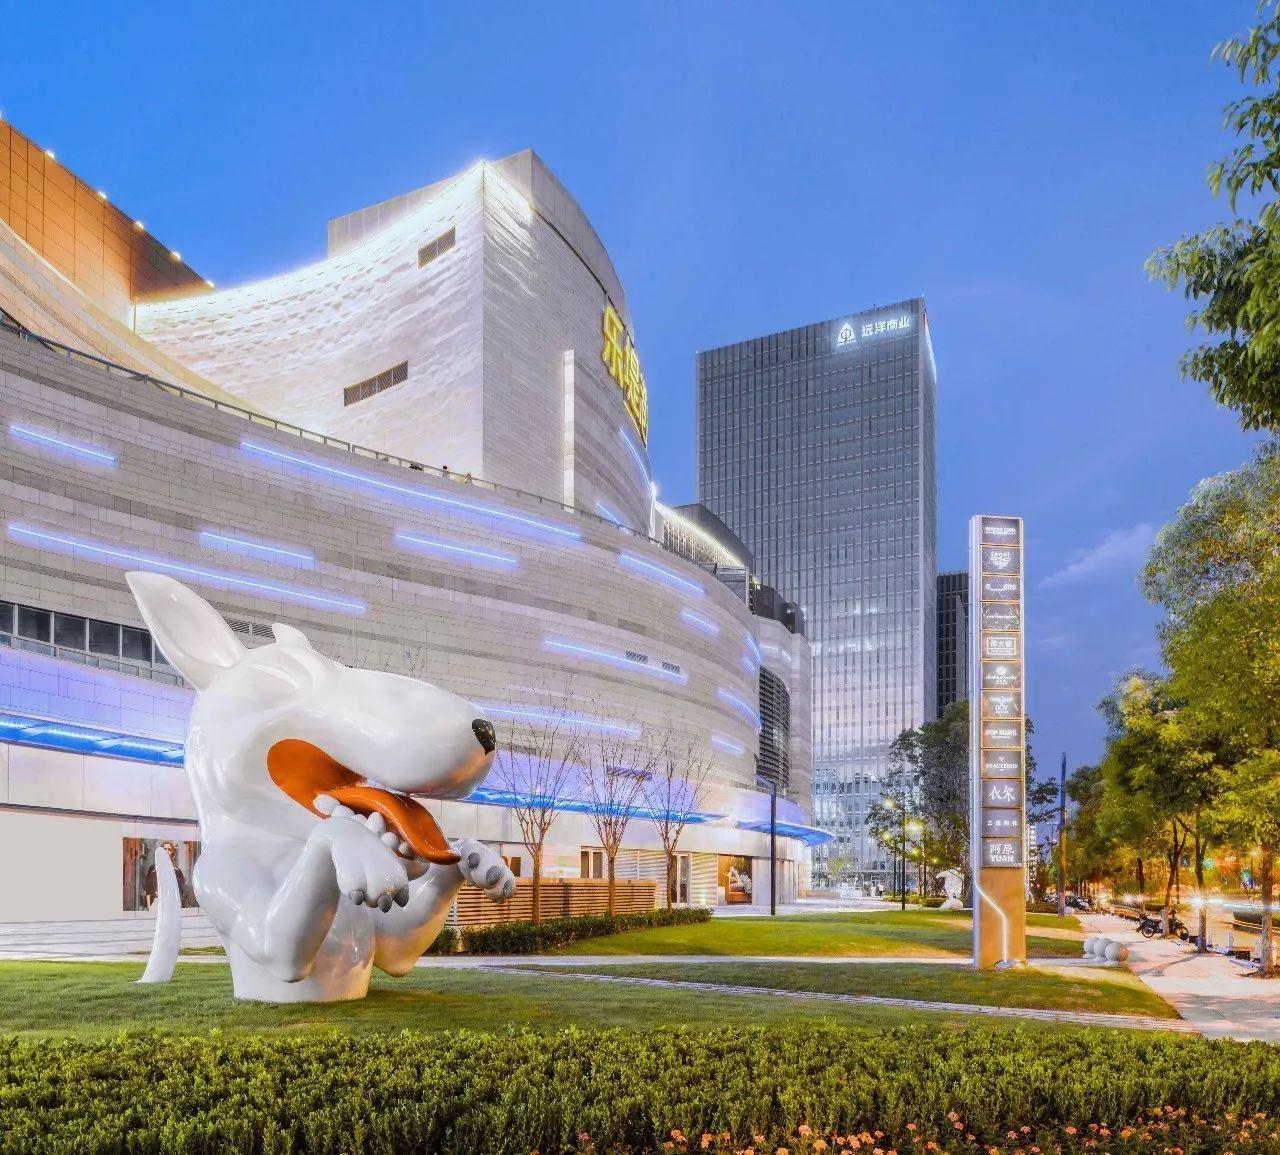 一场商业与远洋的非凡跨界丨杭州视觉乐堤港咖啡店艺术设计素材图片